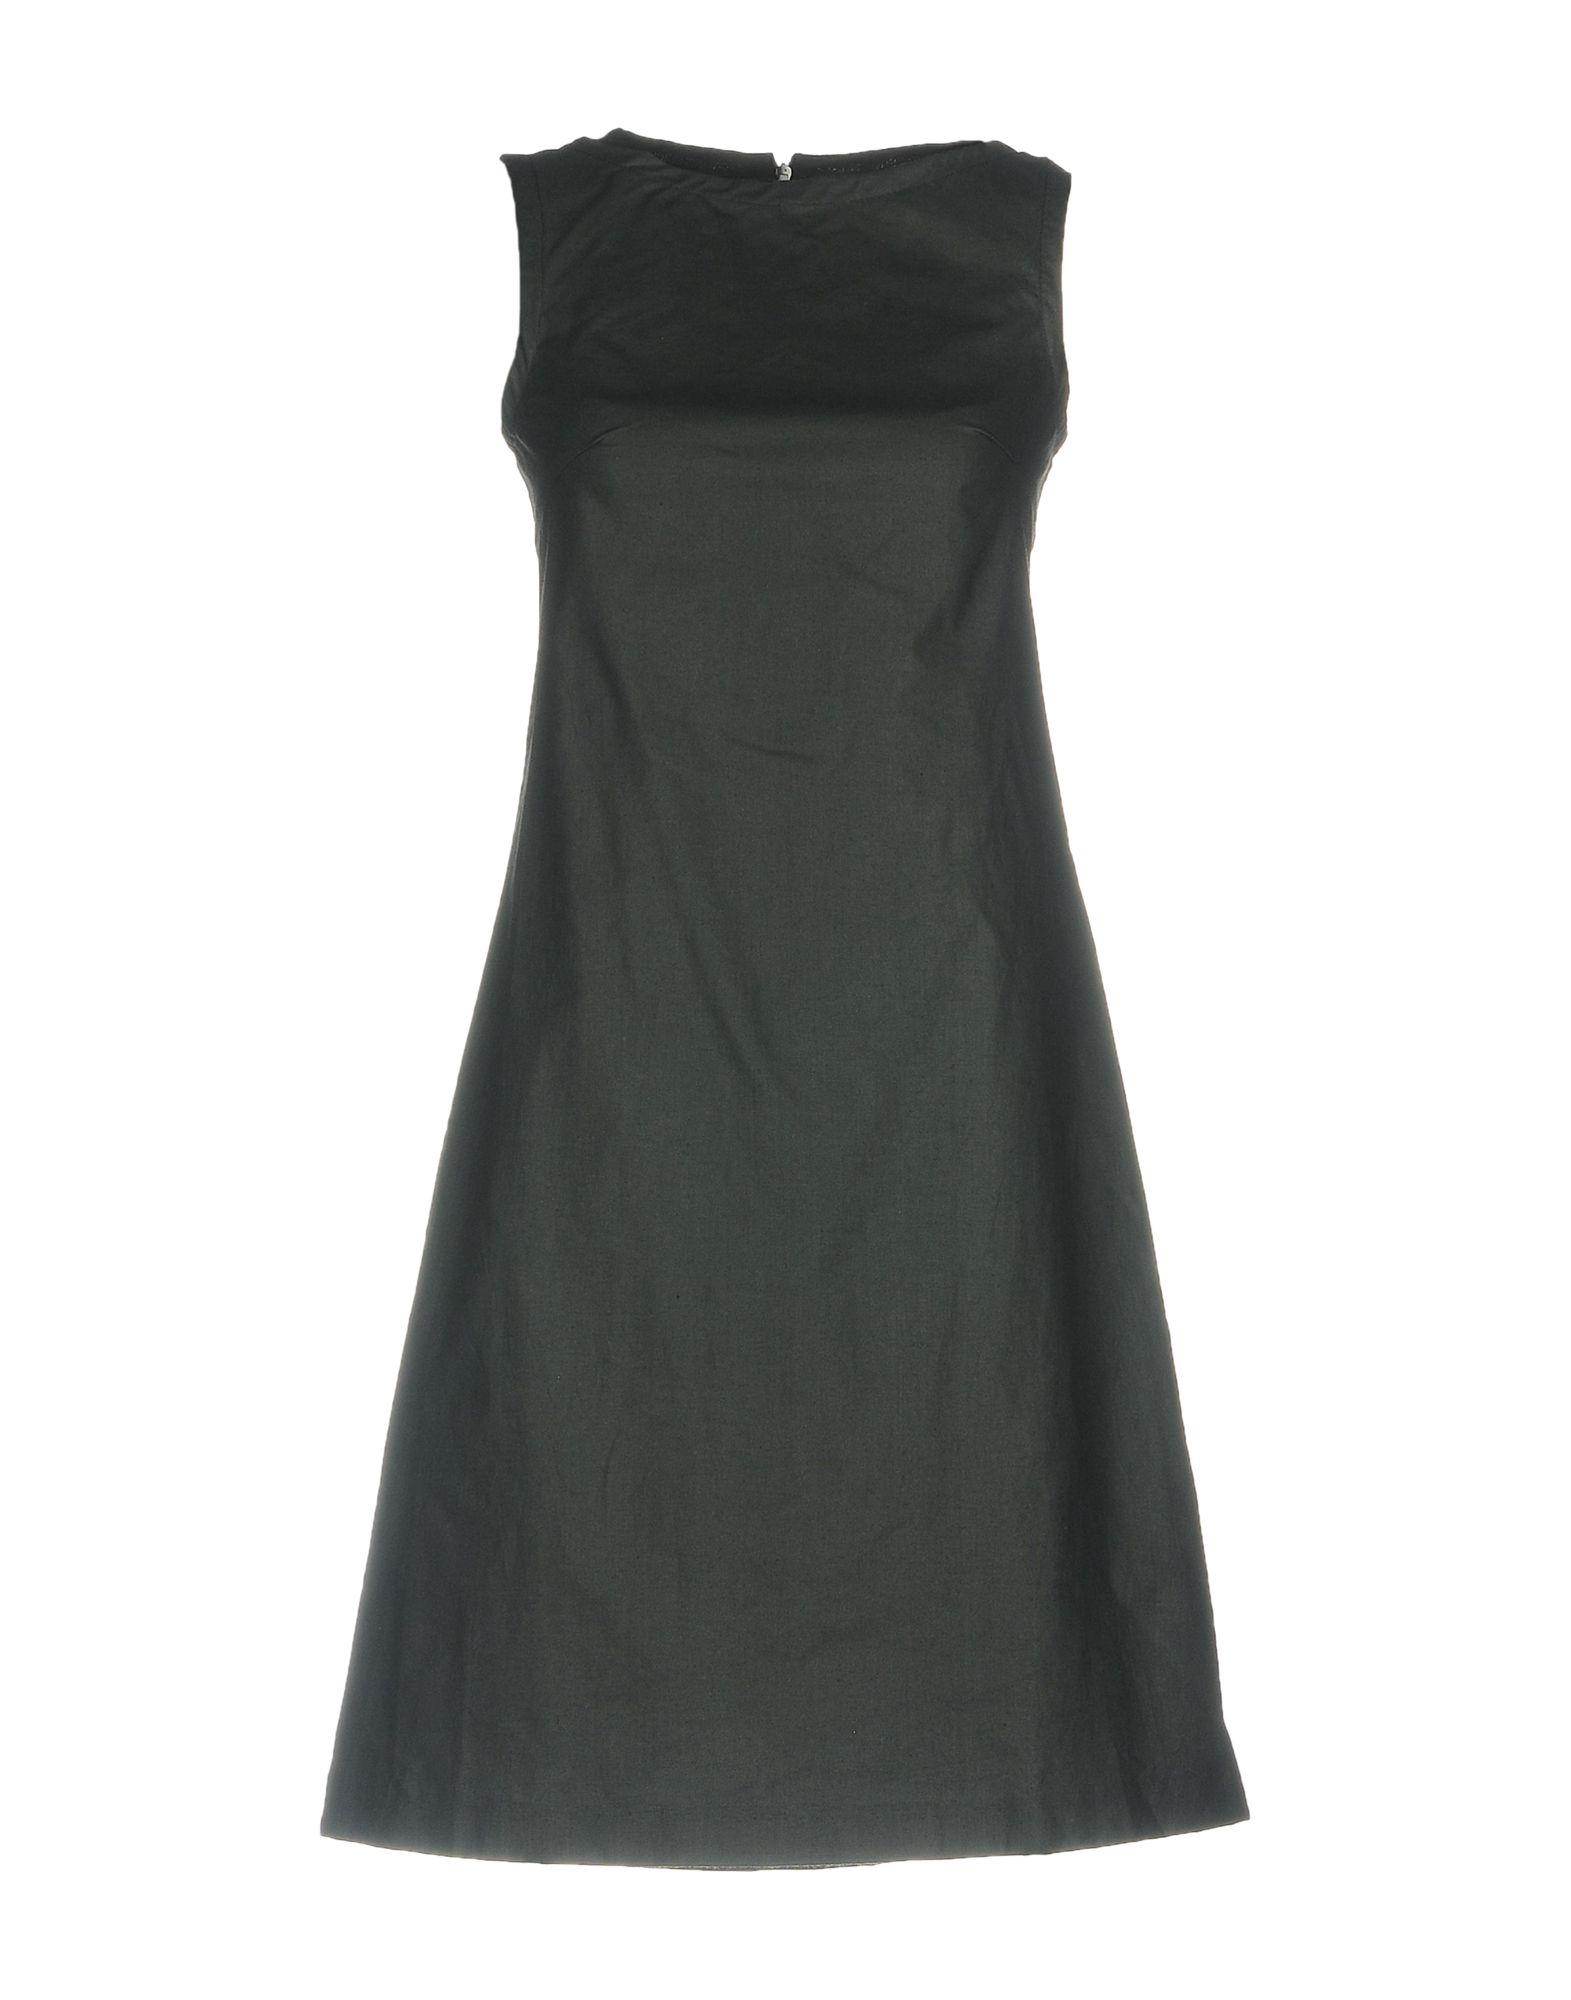 Vestito Corto Maison Laviniaturra Donna - Acquista online su 8TgSyYW0qy